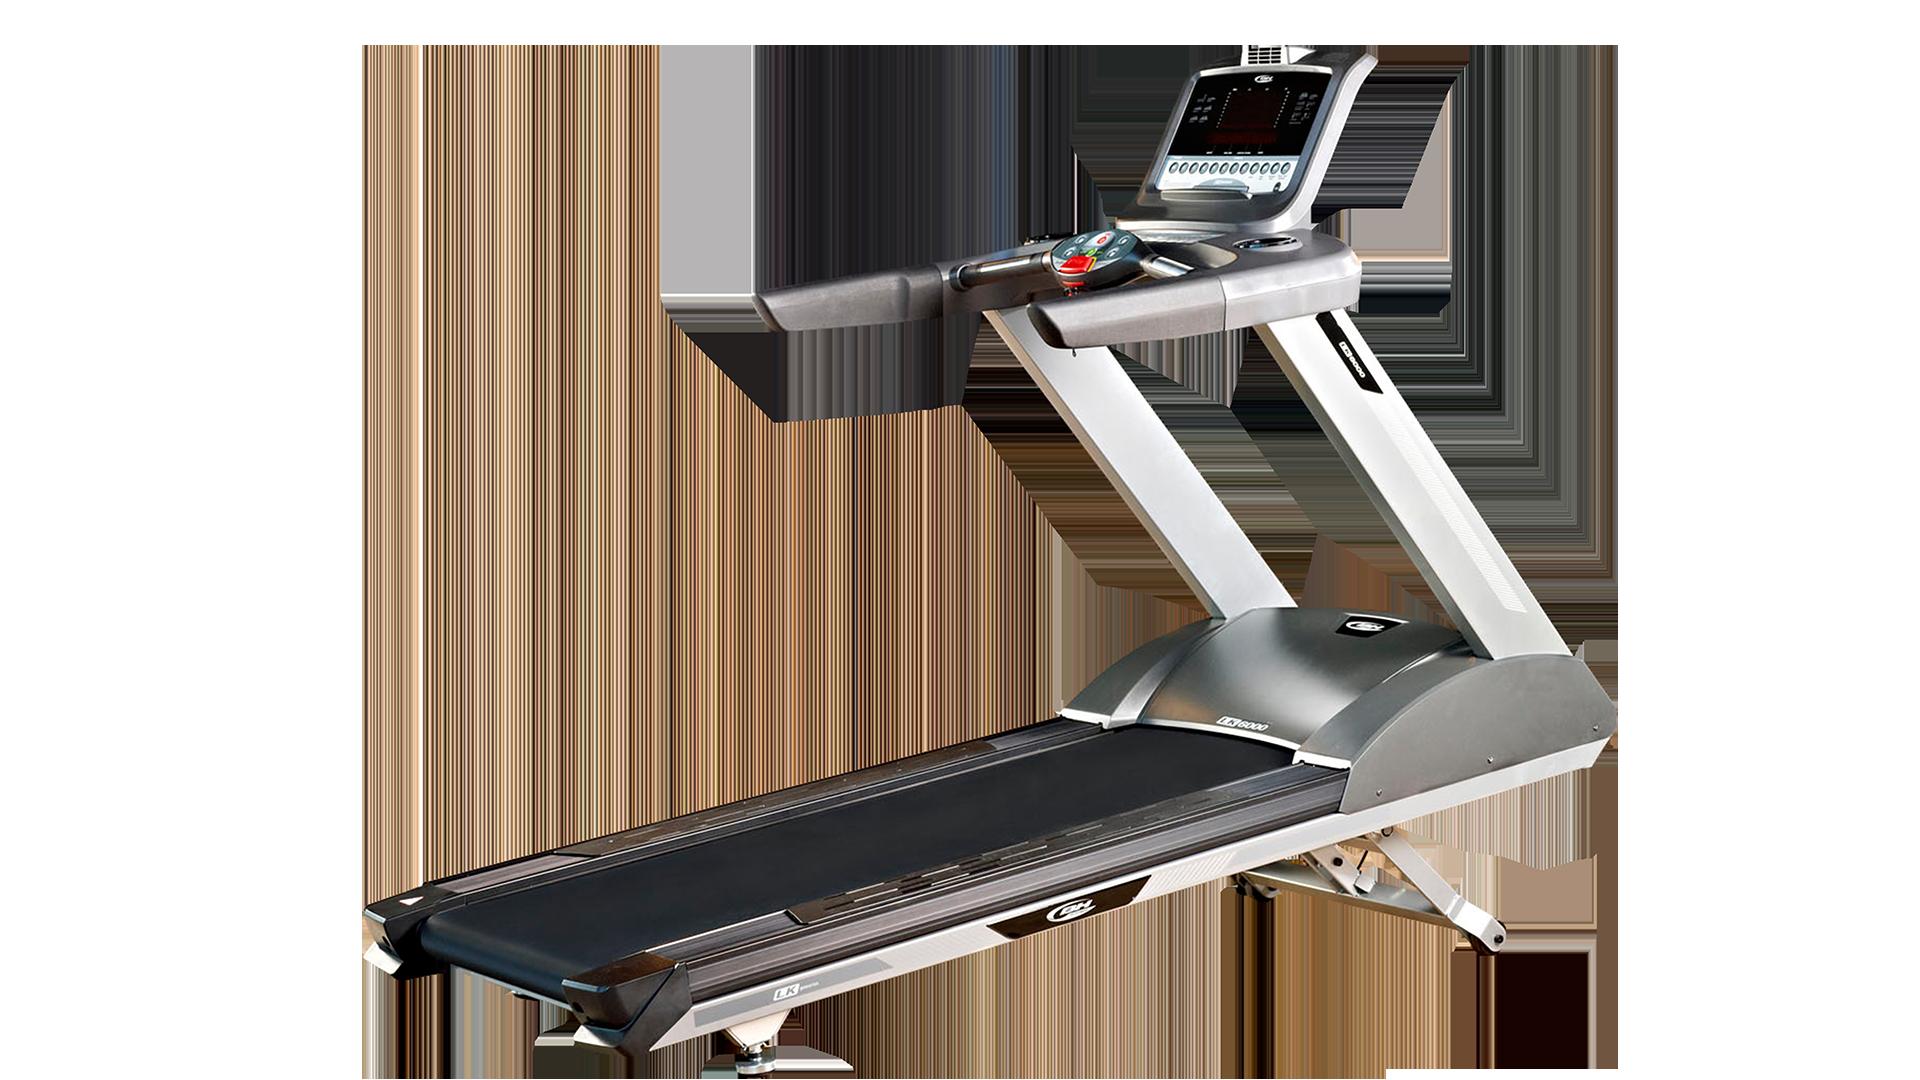 LK6000 Professional treadmill